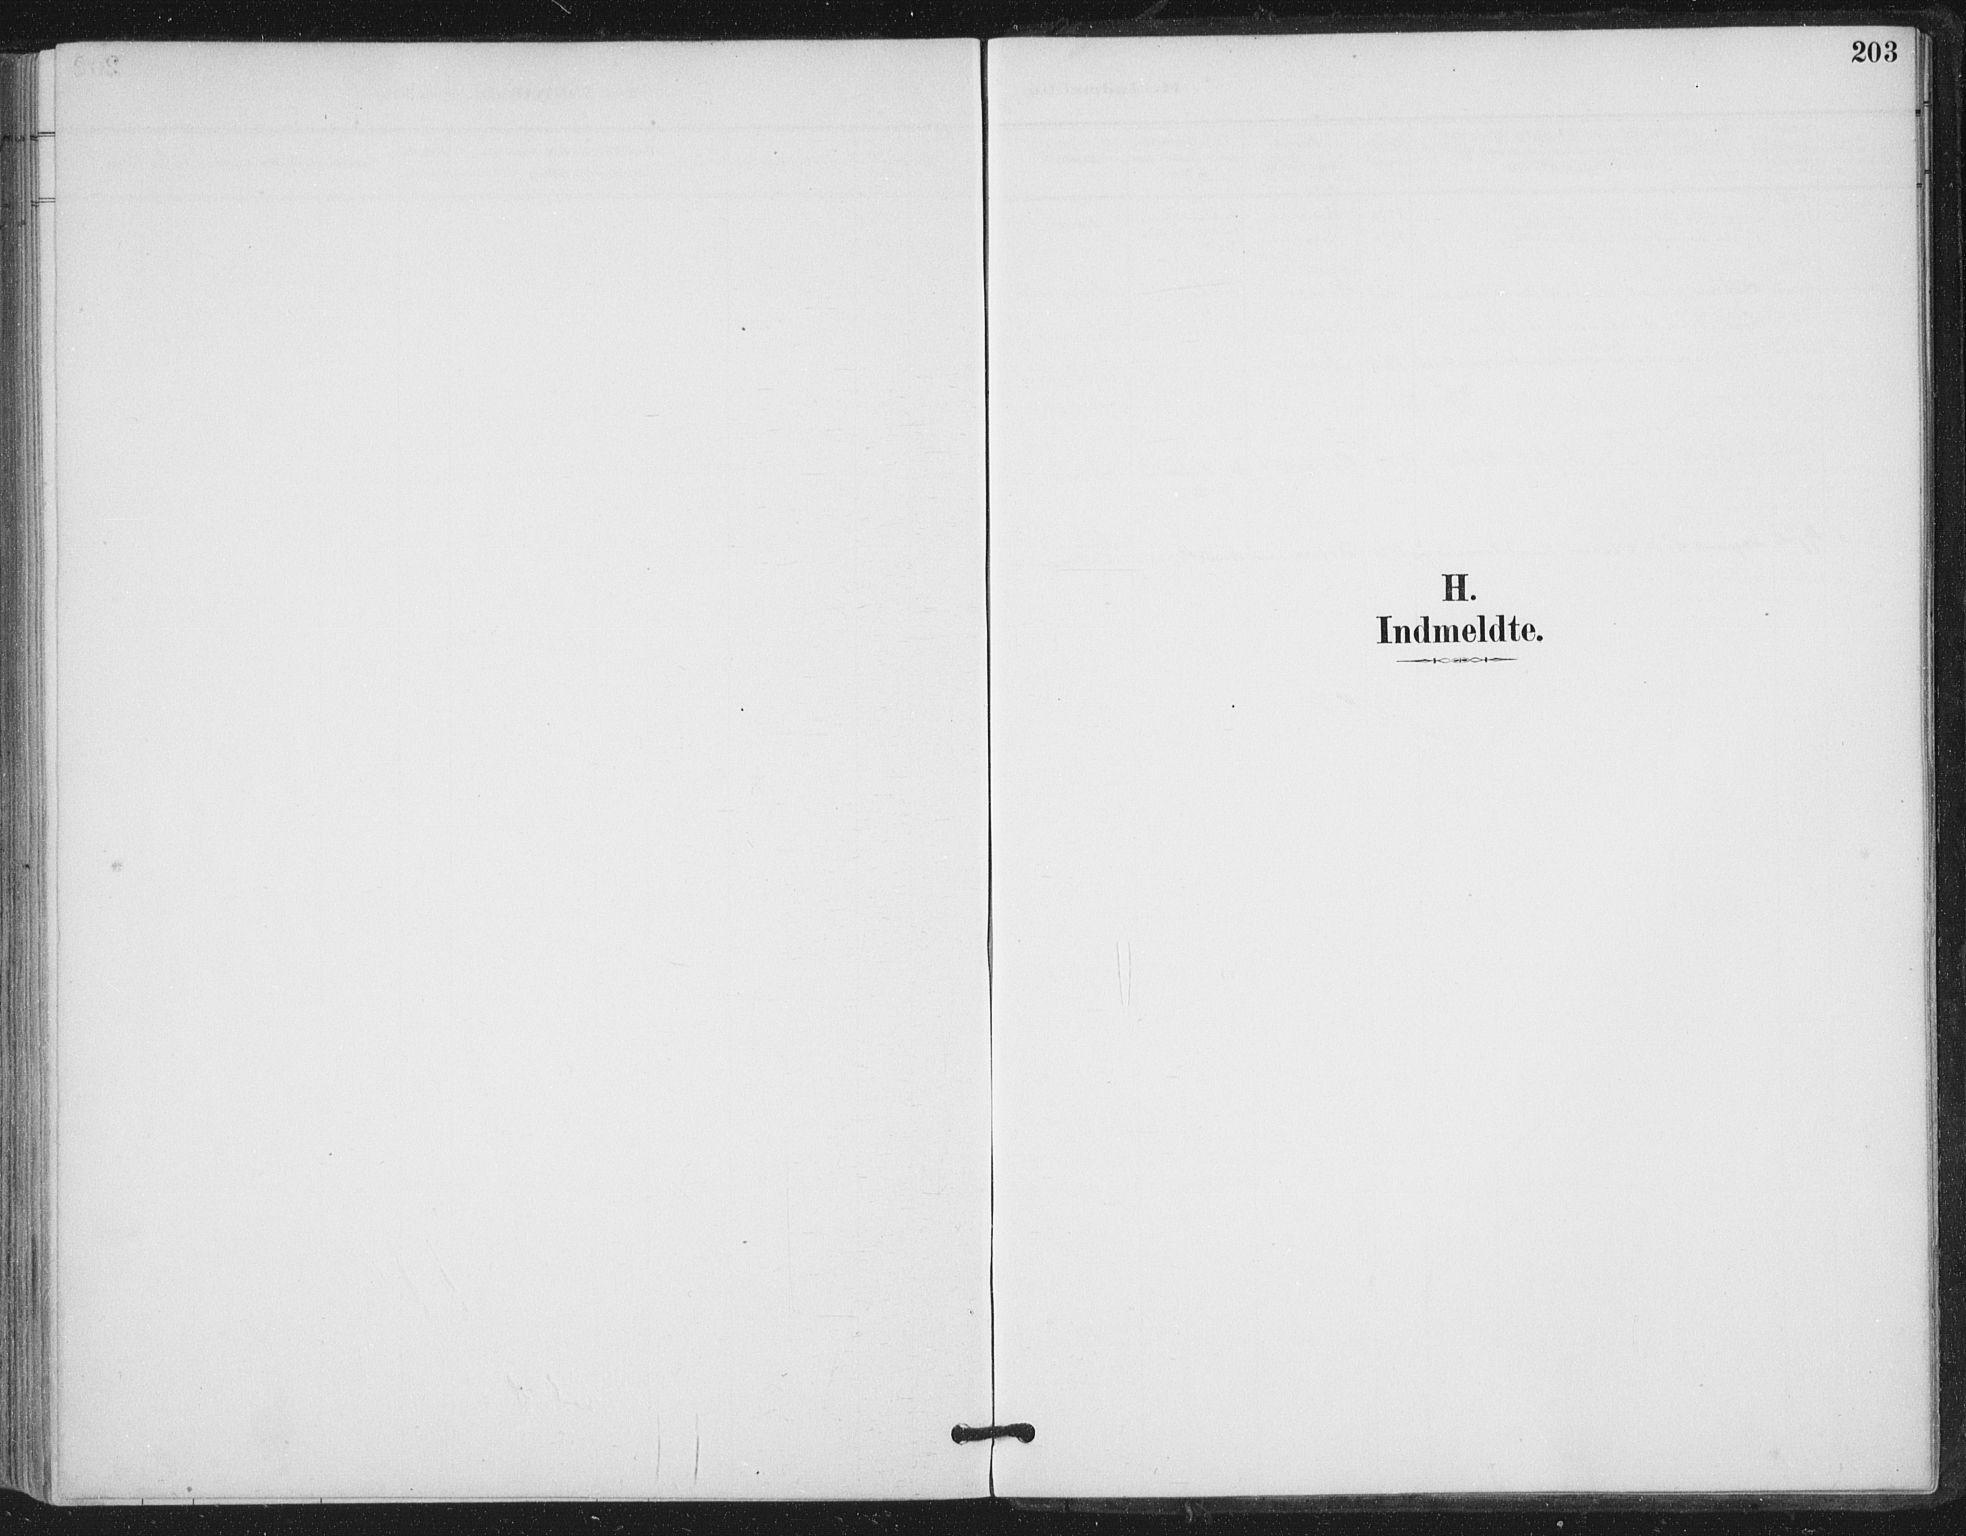 SAT, Ministerialprotokoller, klokkerbøker og fødselsregistre - Nord-Trøndelag, 780/L0644: Ministerialbok nr. 780A08, 1886-1903, s. 203